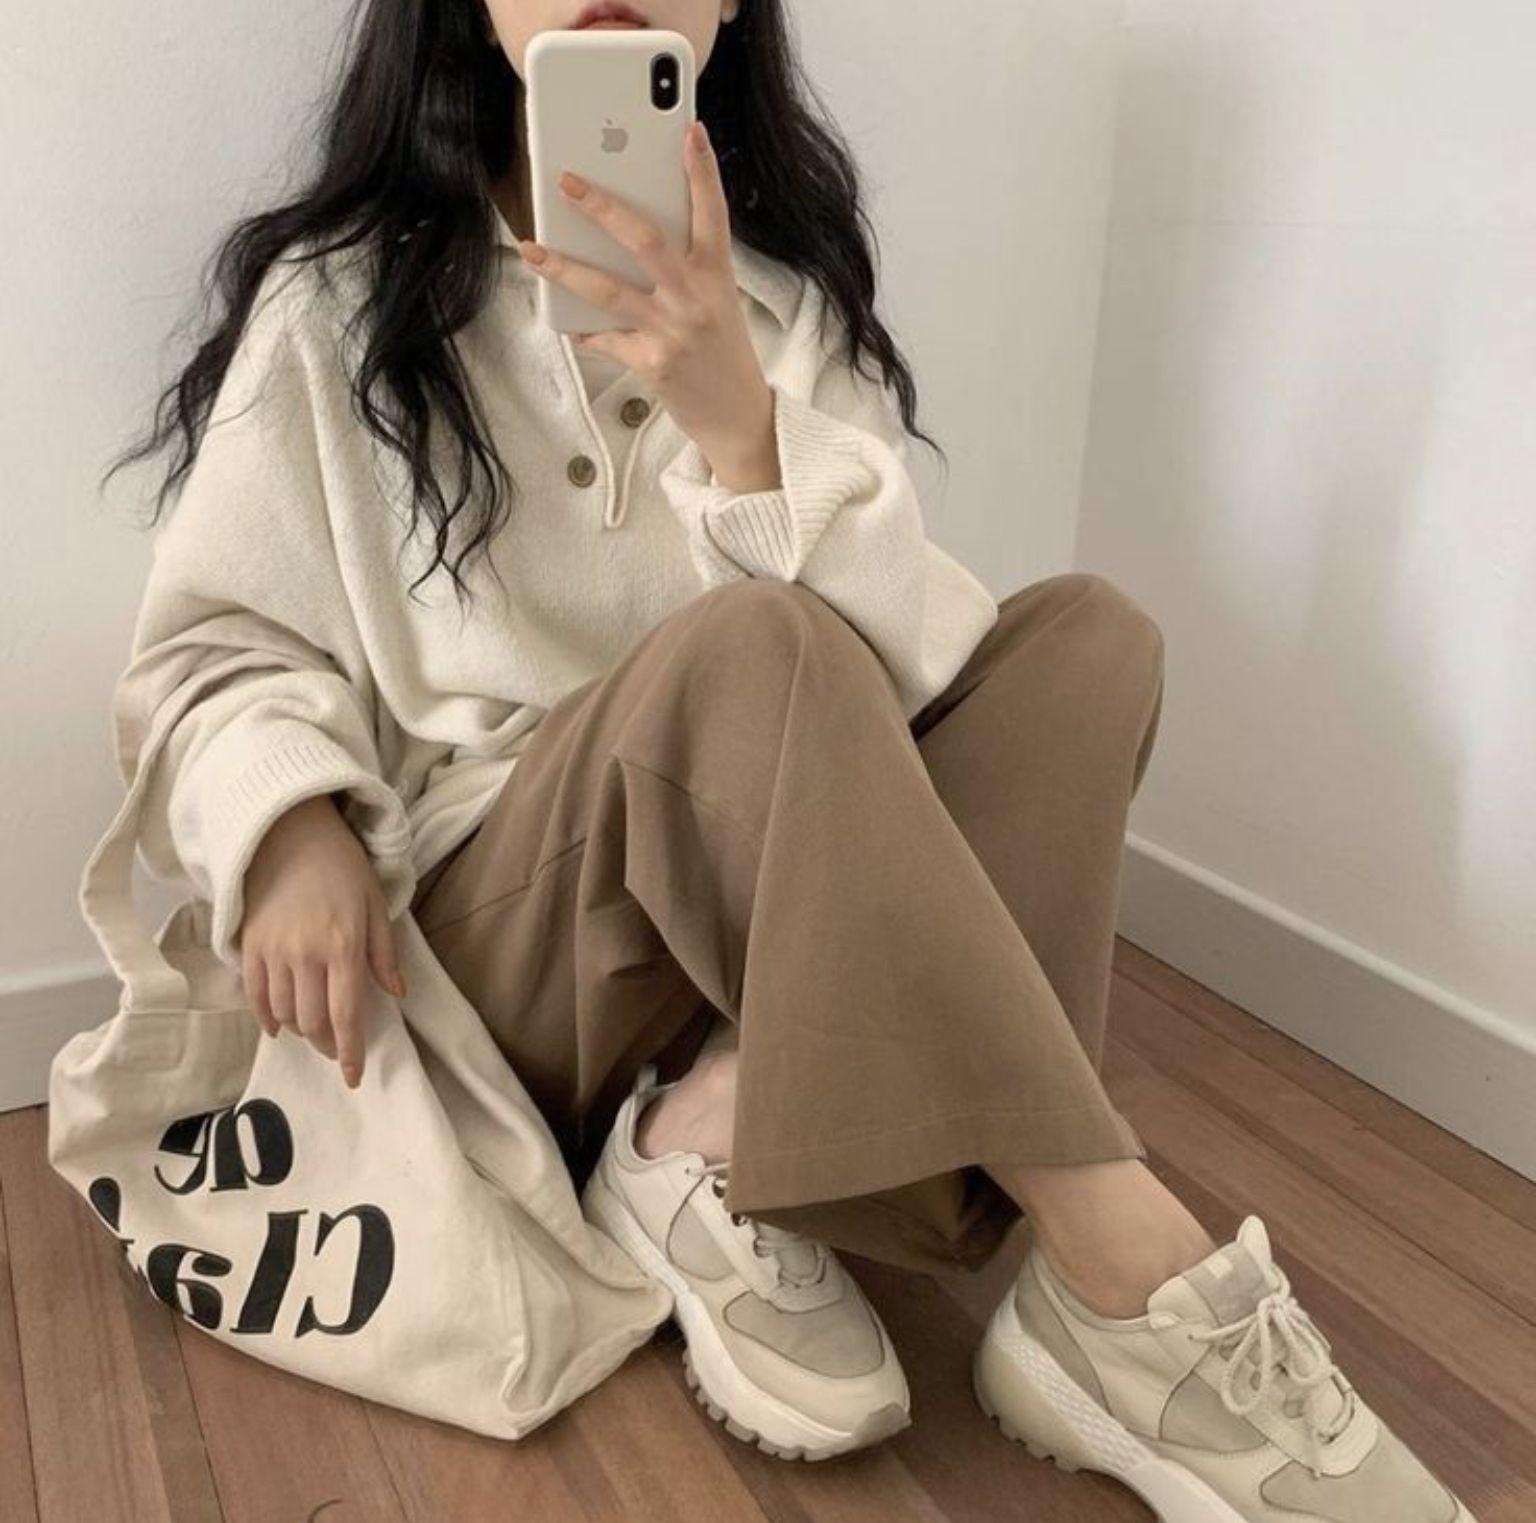 R O S I E Korean Girl Fashion Aesthetic Clothes Aesthetic Fashion